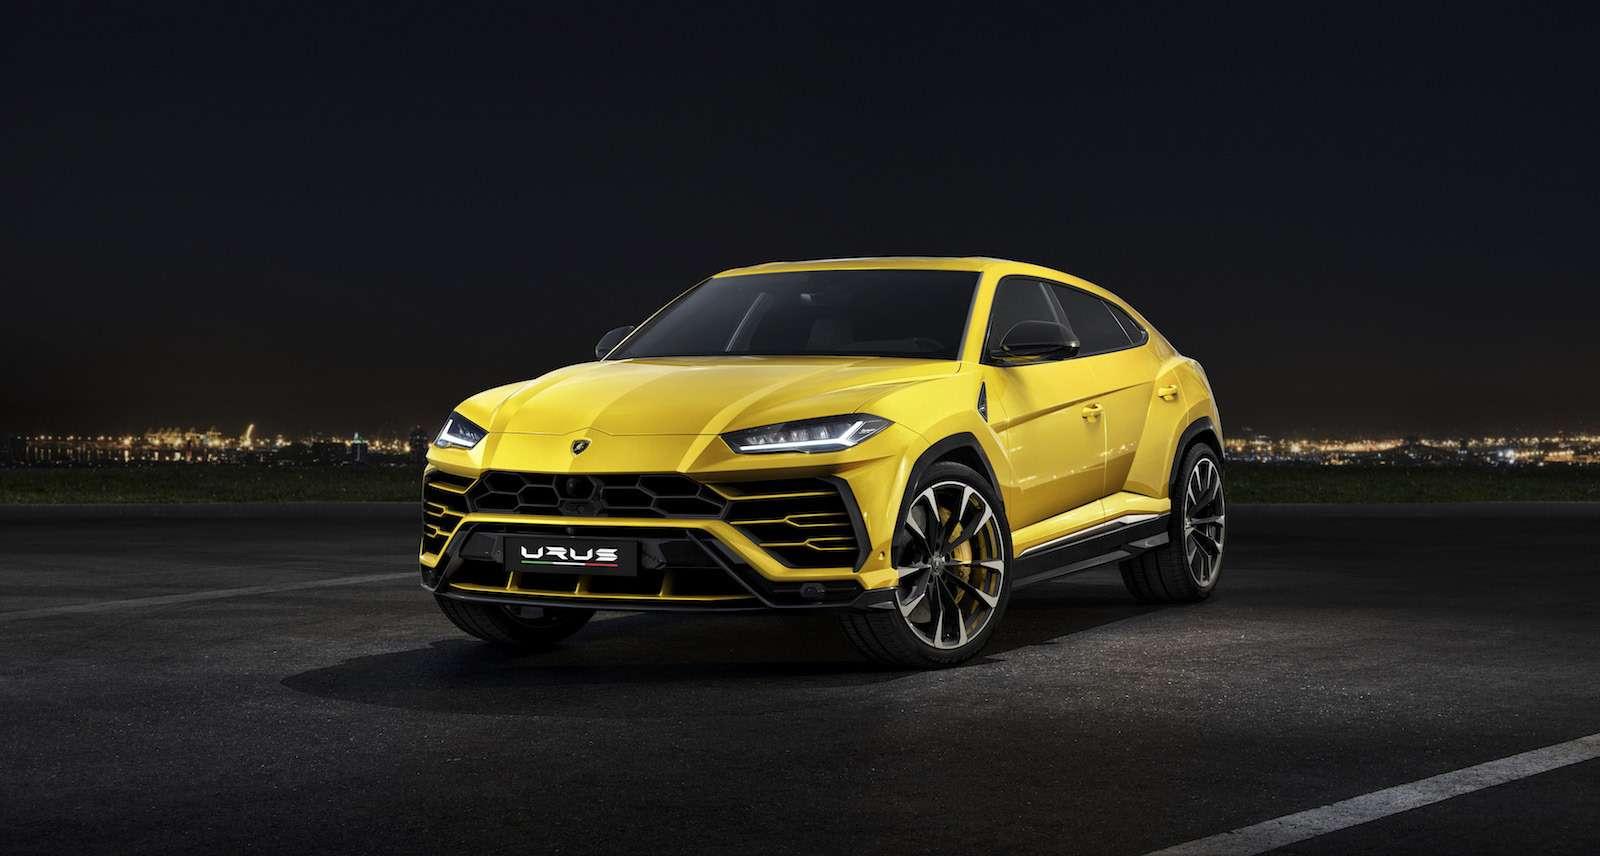 Lamborghini привезла вРоссию автомобиль, который небоится «лежачих полицейских»— фото 845504